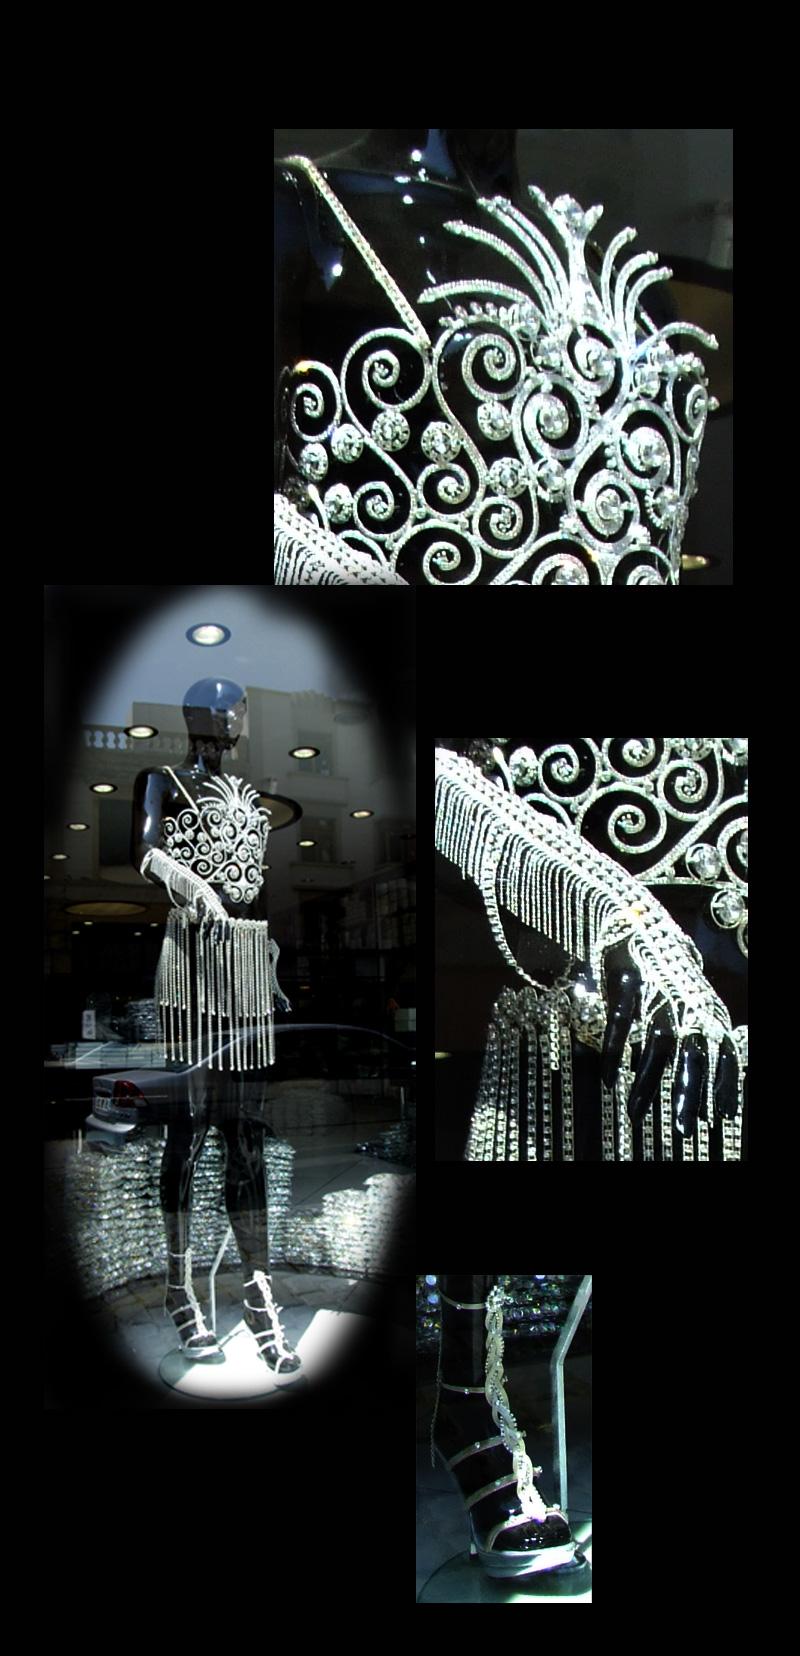 mannequin habillé d'éléments de bijouterie fantaisie, strass et chaînettes argentées